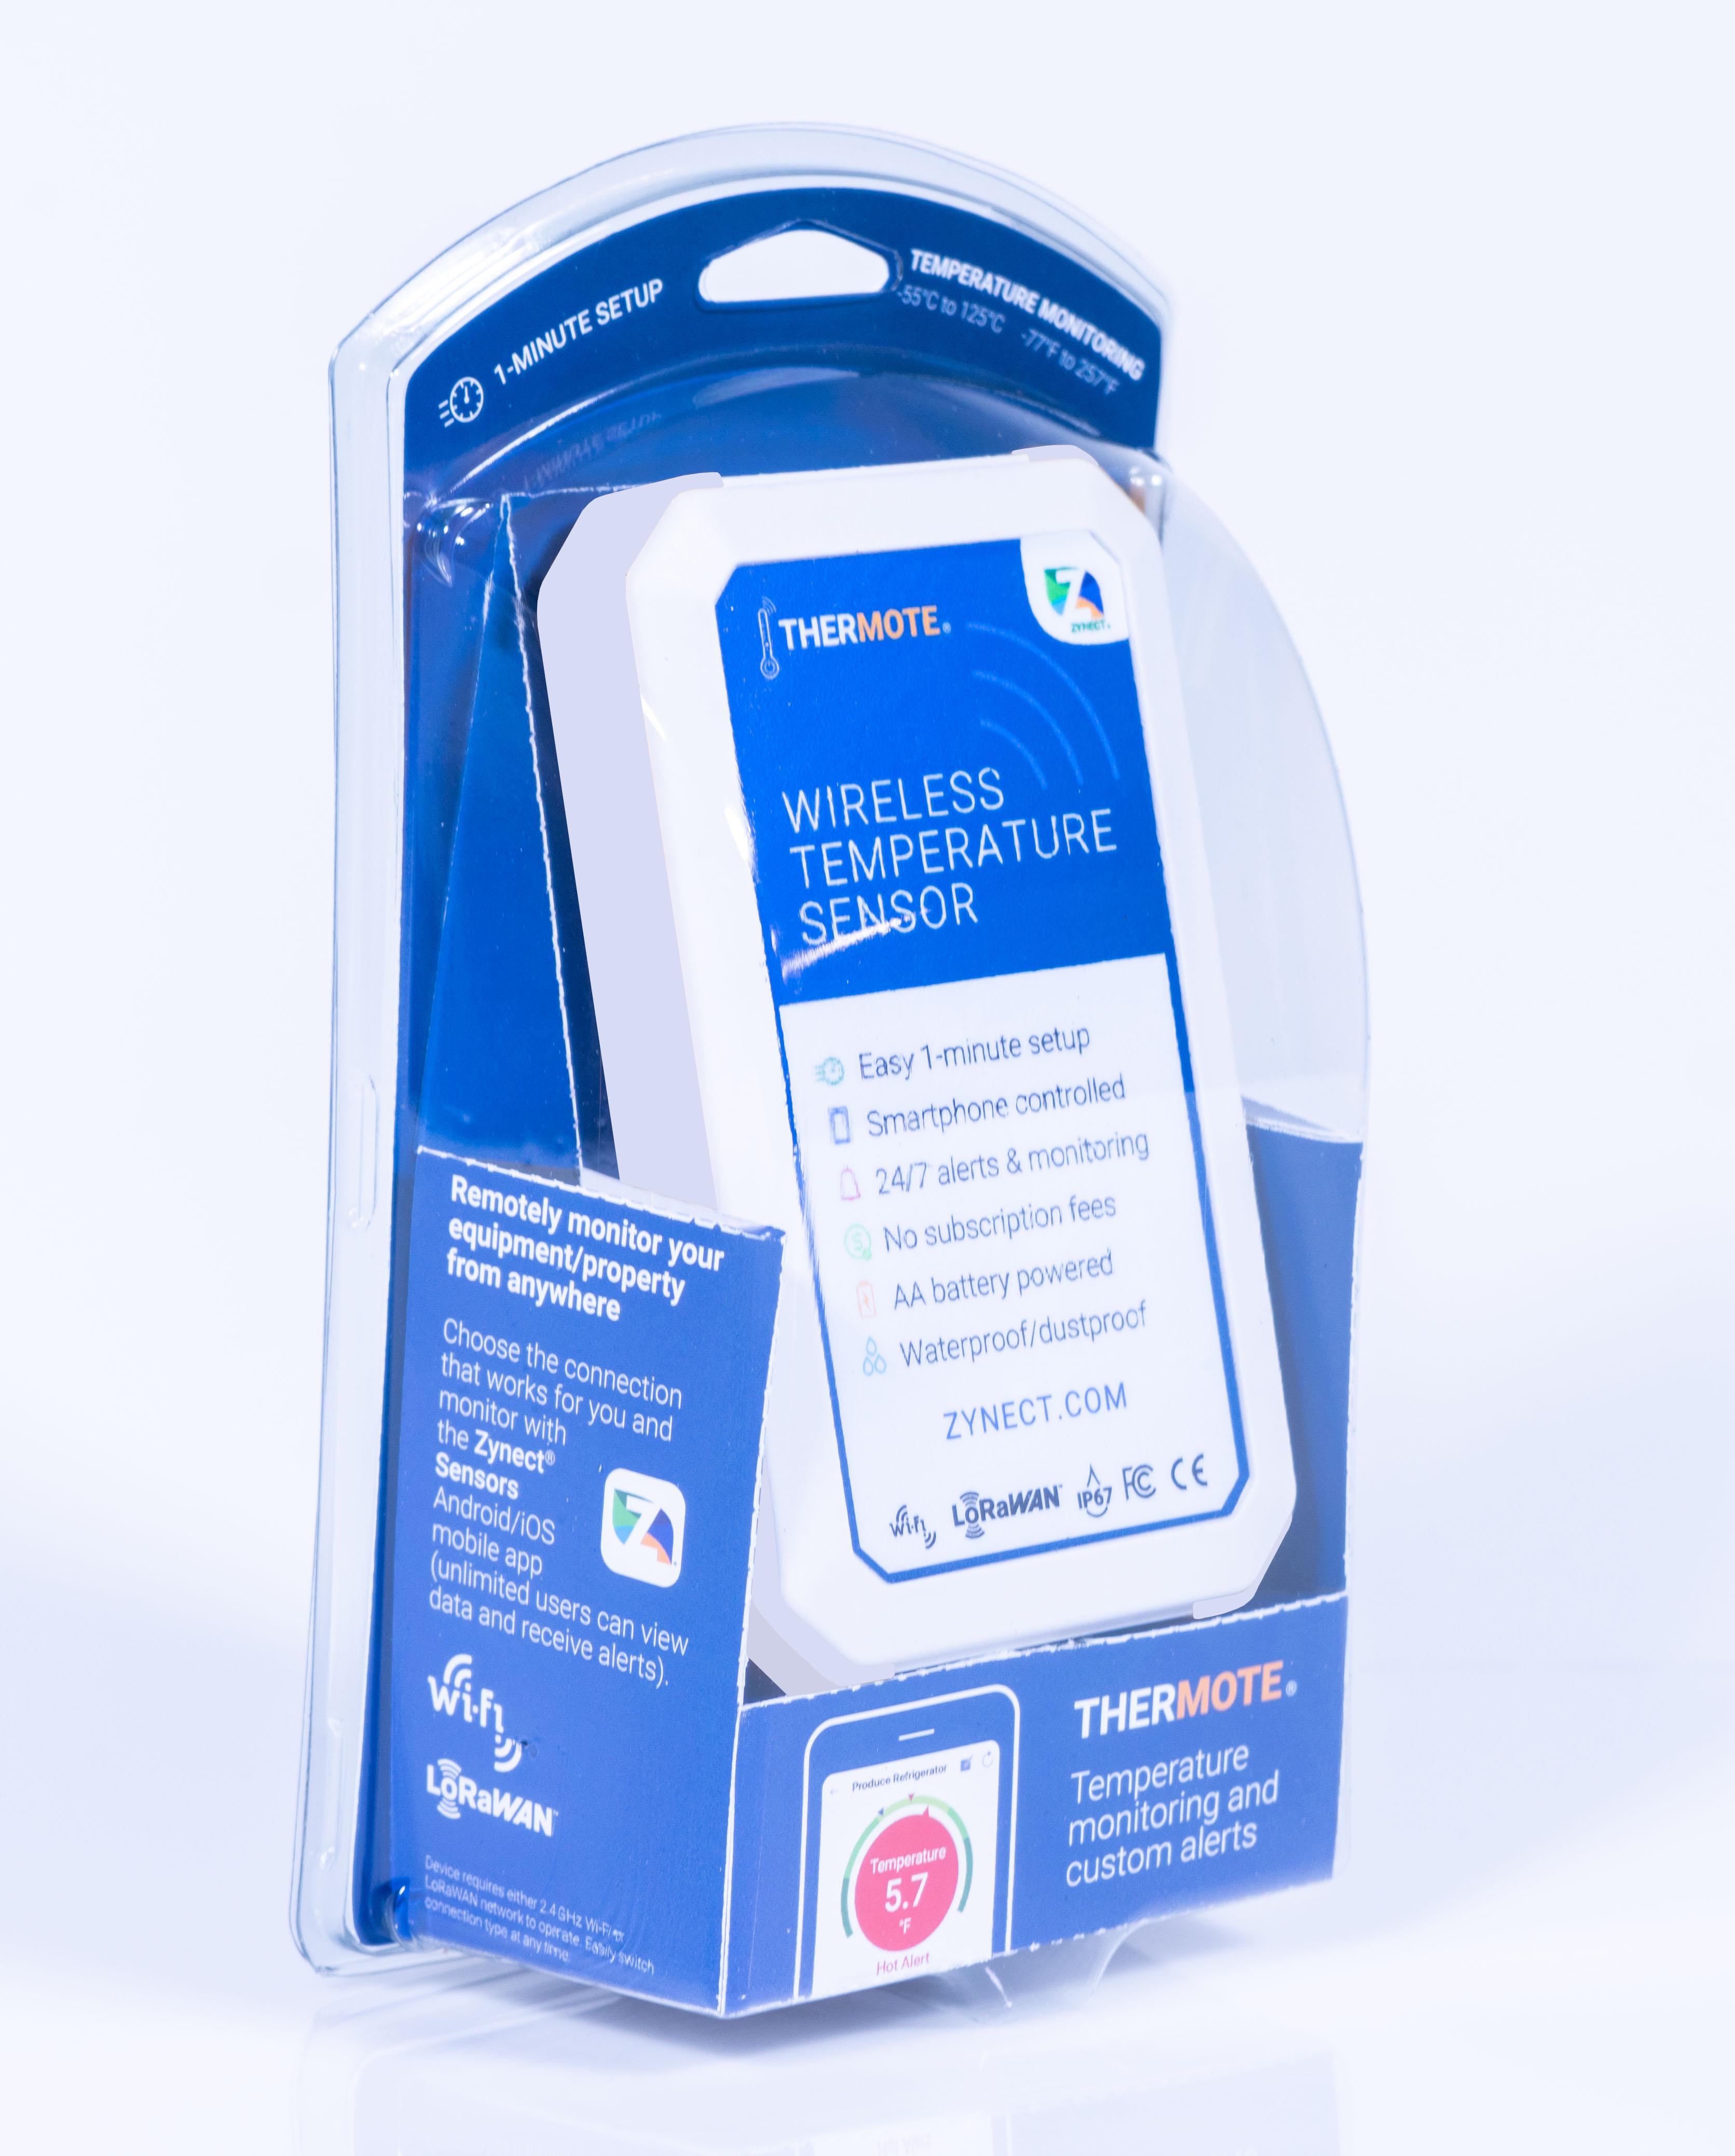 Thermote - Wi-Fi + LoRaWAN